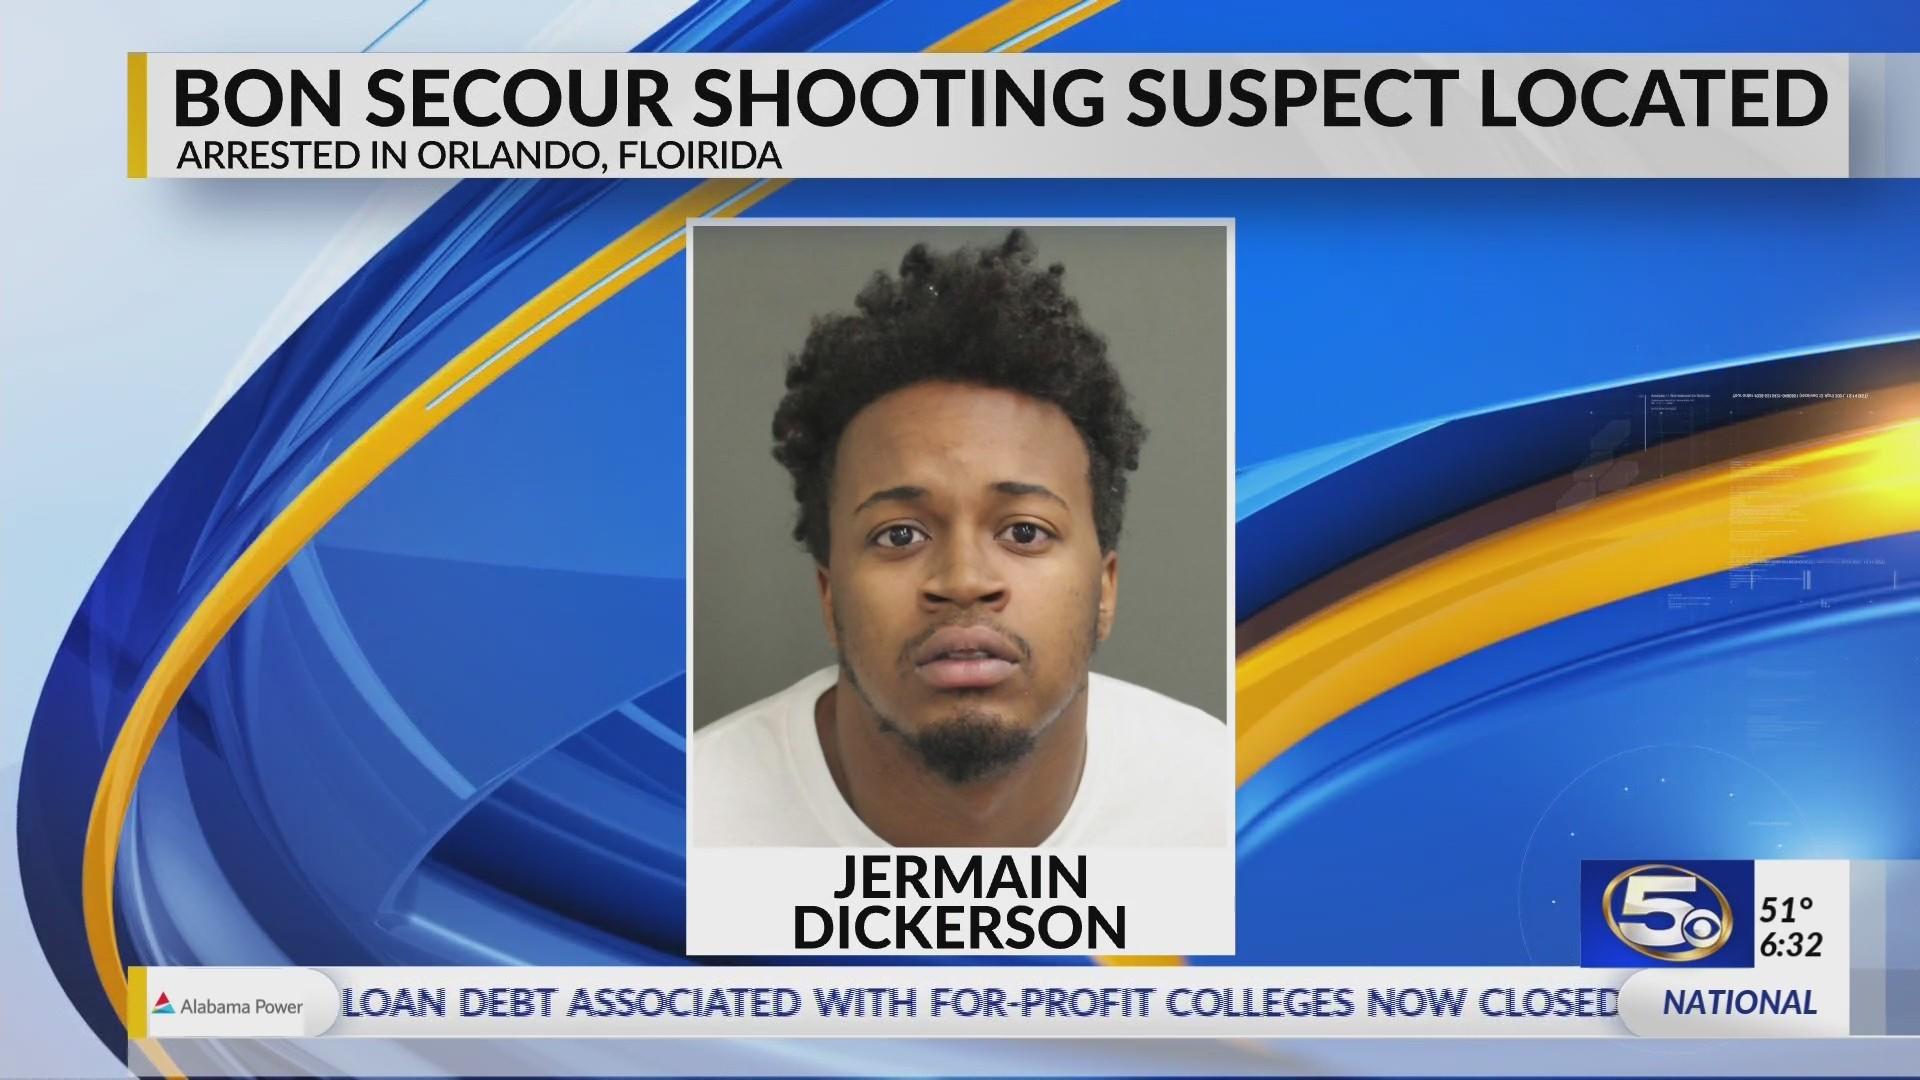 Bon Secour shooting suspect nabbed in South Florida